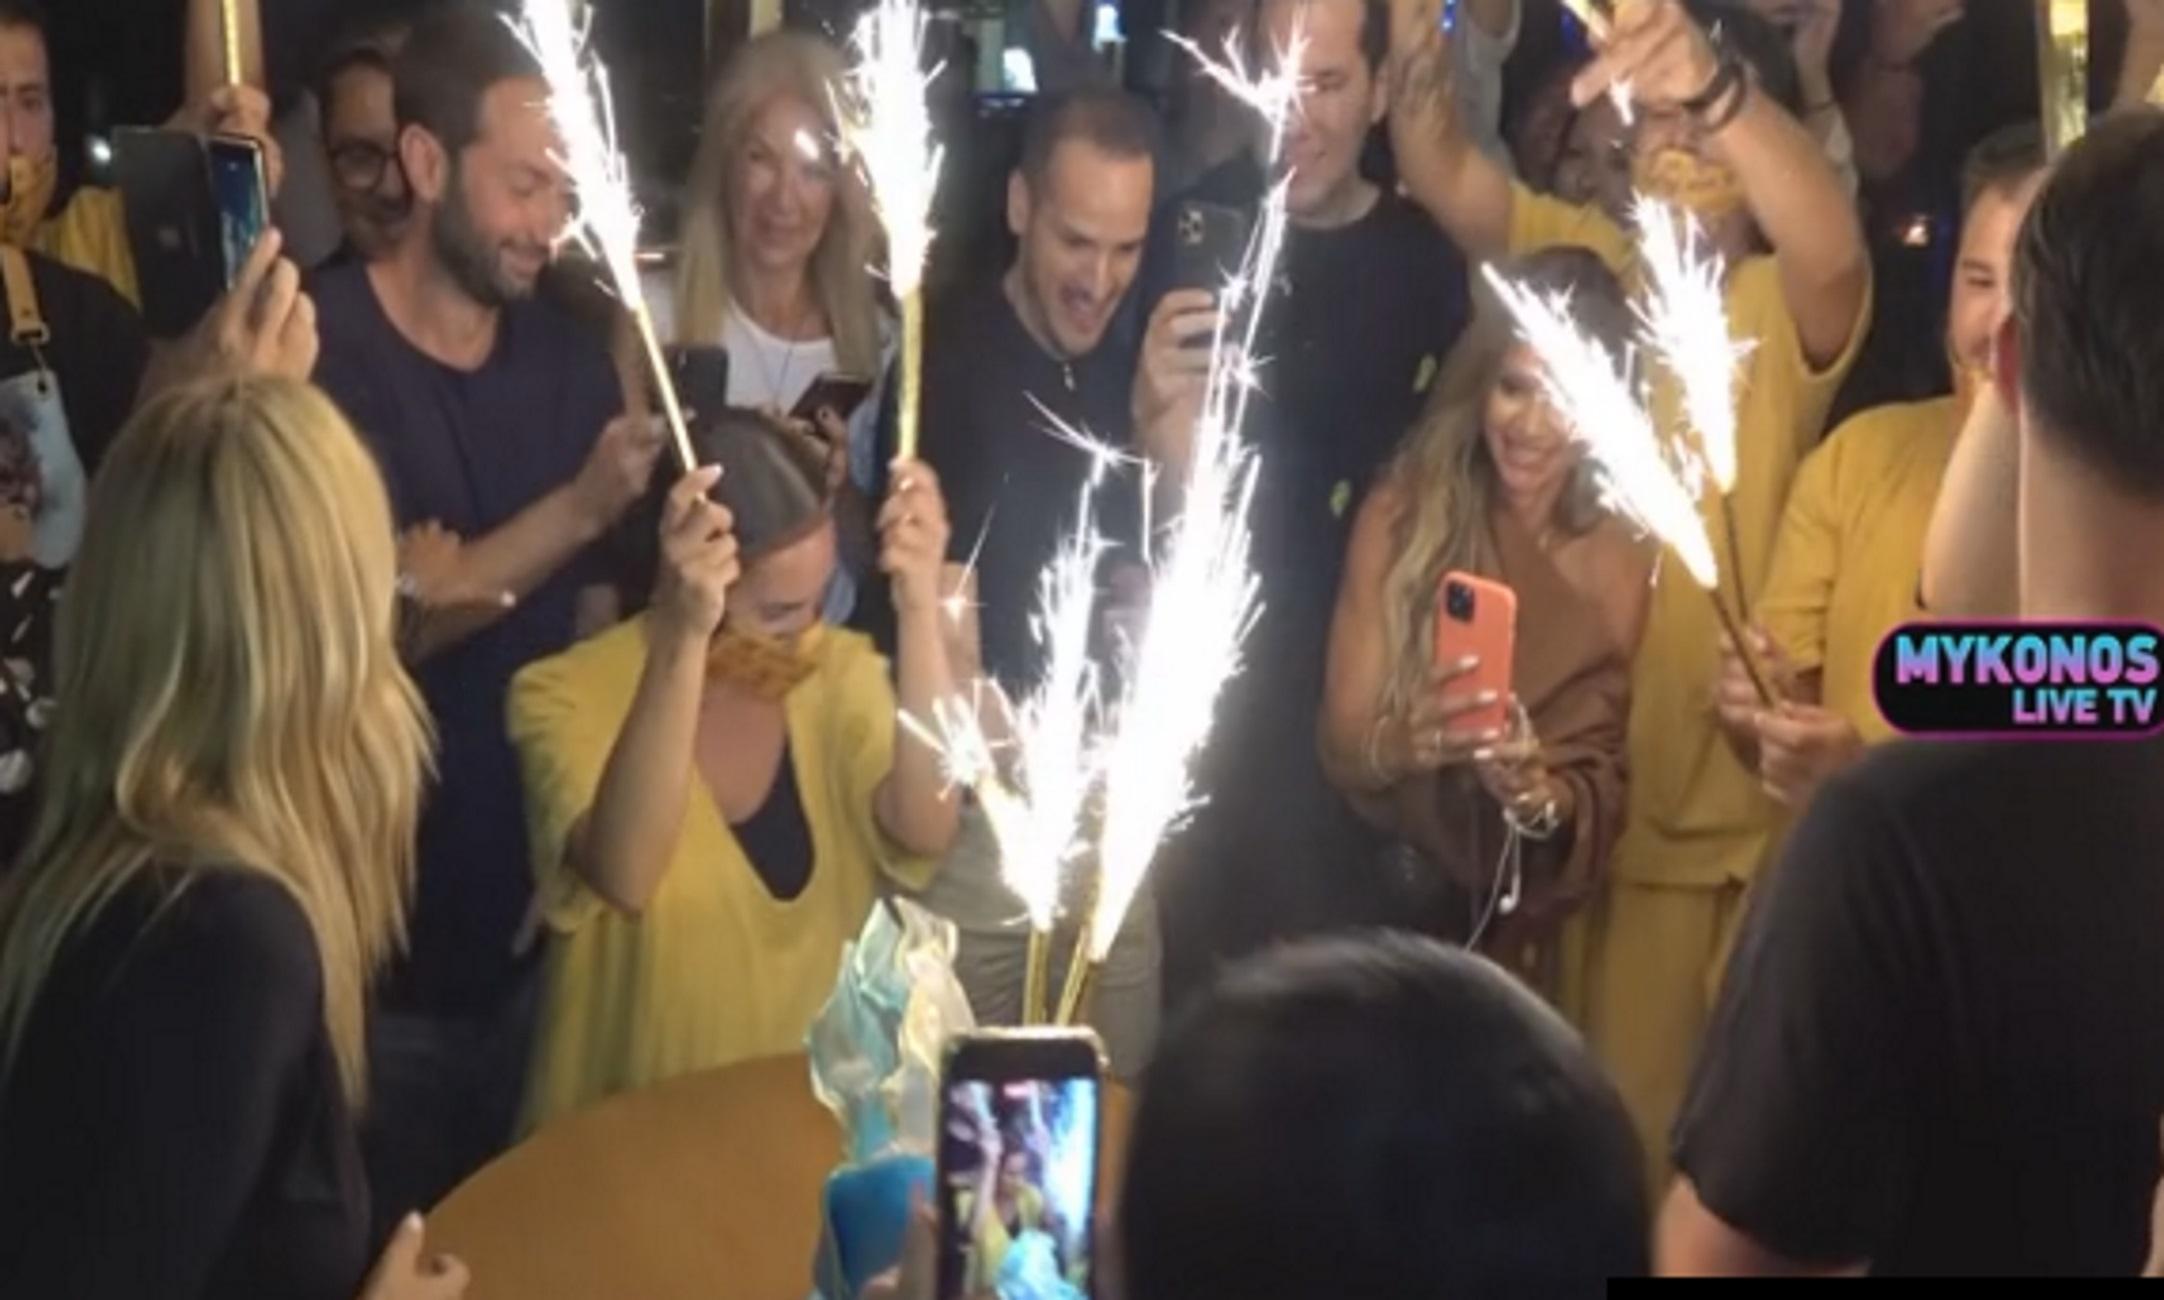 Μύκονος: Γενέθλια γεμάτα celebrities – Η Χριστίνα Παππά πιο γοητευτική από ποτέ στα 52 της χρόνια